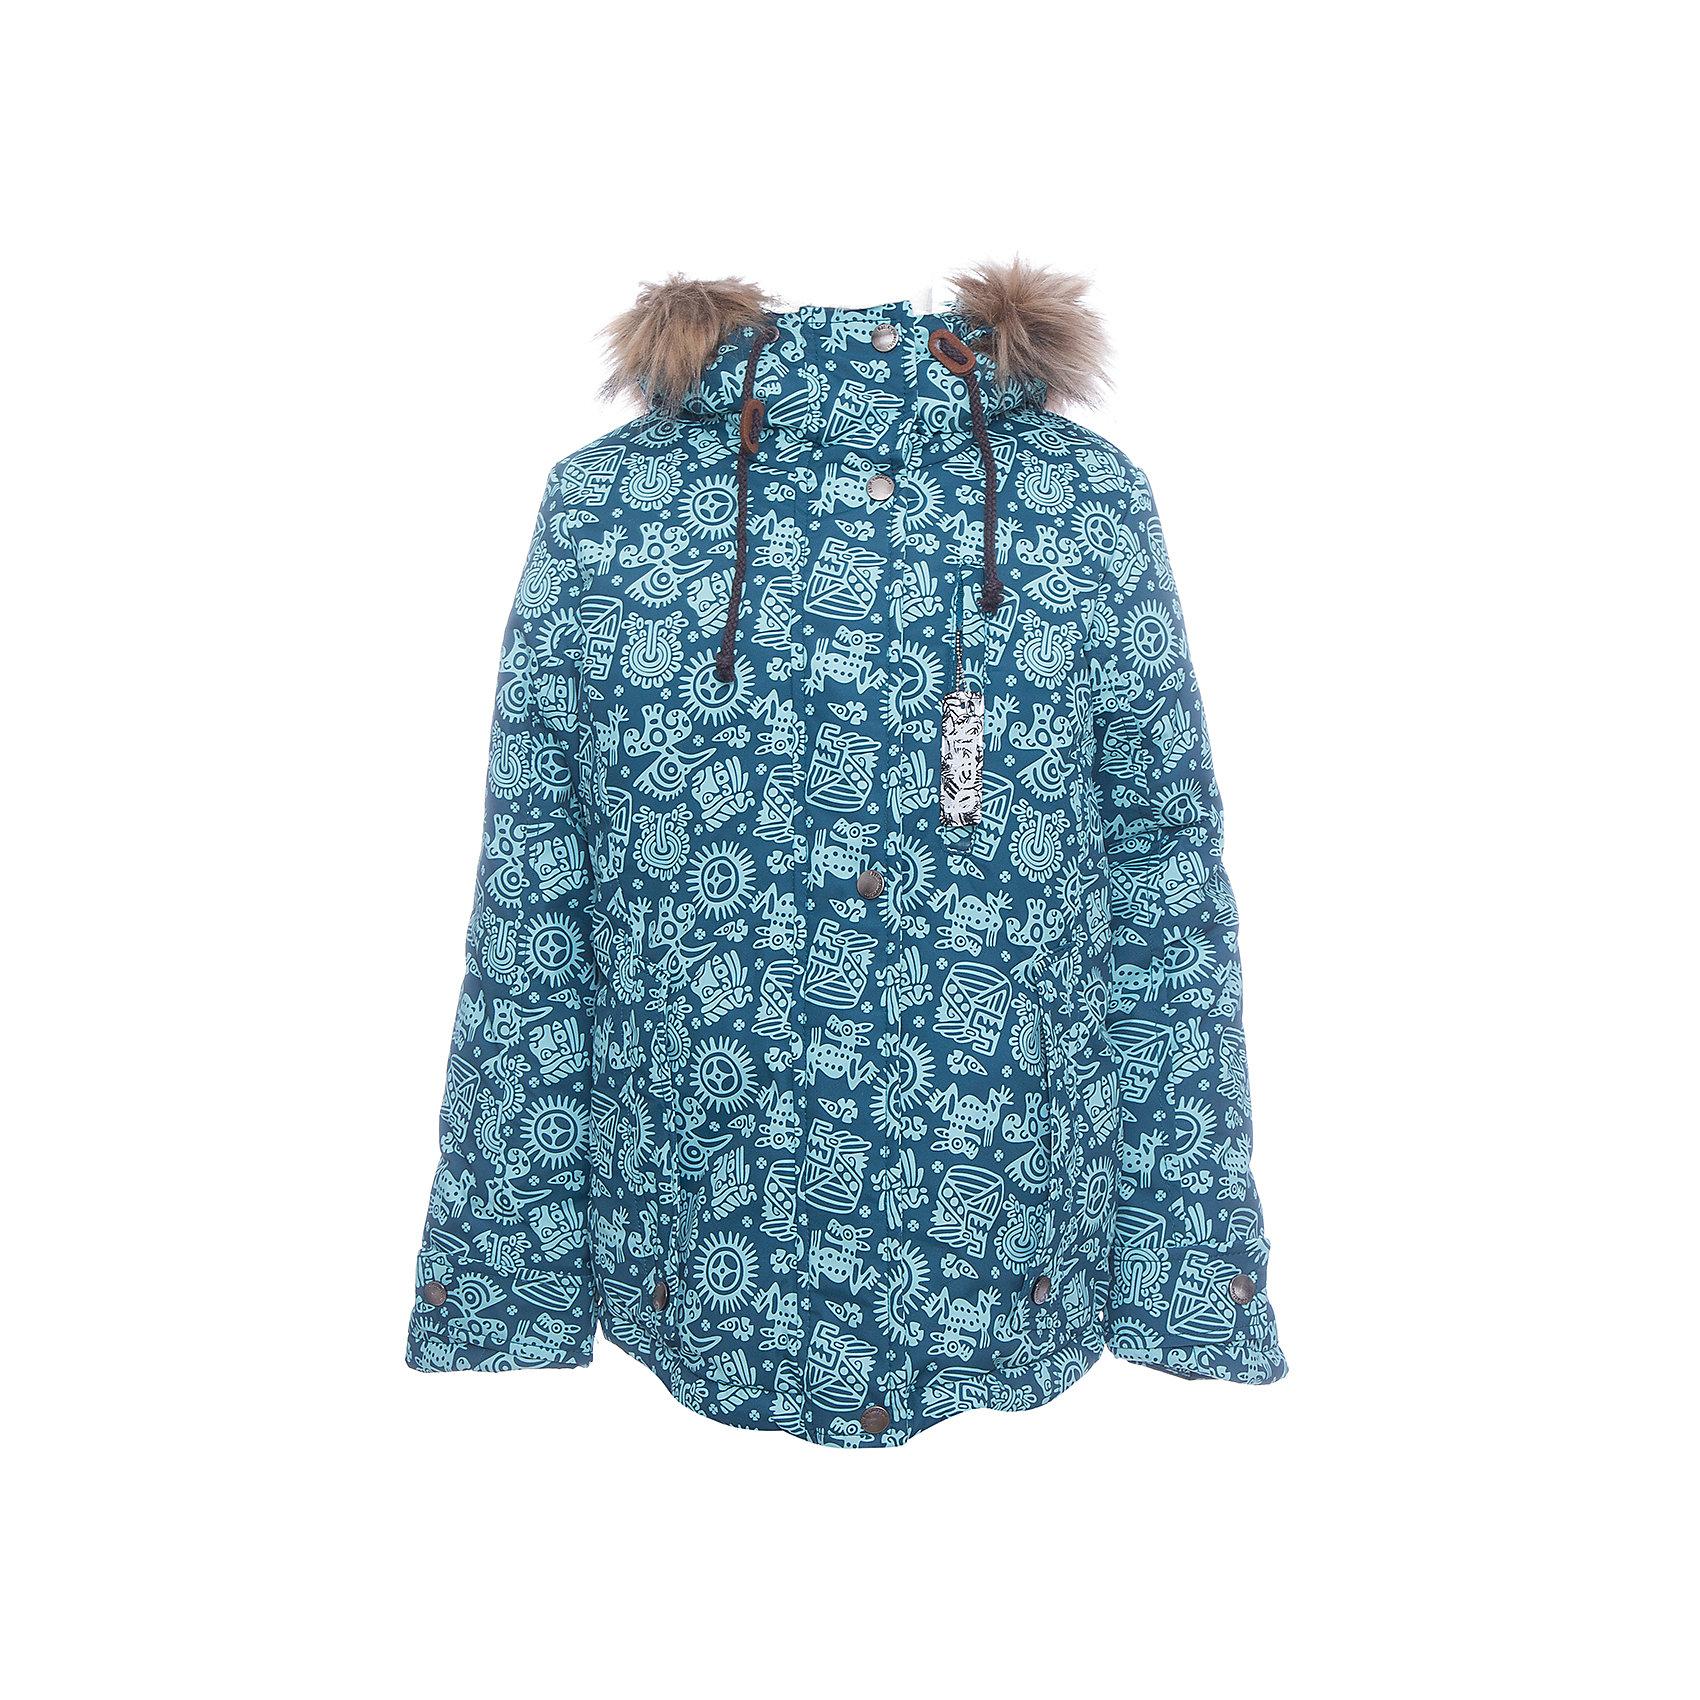 Куртка Мэй Batik для девочкиВерхняя одежда<br>Куртка Мэй Batik для девочки <br>Зимняя куртка прямого кроя. Верхняя мембранная ткань обладает водоотталкивающими и ветрозащитными свойствами. Куртка на молнии с ветрозащитной планкой на кнопках, внутри имеется кулиска для регулировки талии. Капюшон со съемной опушкой.<br>Состав:<br>Ткань верха - TASLON OXFORD;  Утеплитель - Слайтекс 300;  Подкладка - Полар флис;<br><br>Ширина мм: 356<br>Глубина мм: 10<br>Высота мм: 245<br>Вес г: 519<br>Цвет: бирюзовый<br>Возраст от месяцев: 156<br>Возраст до месяцев: 168<br>Пол: Женский<br>Возраст: Детский<br>Размер: 164,152,158<br>SKU: 7028250